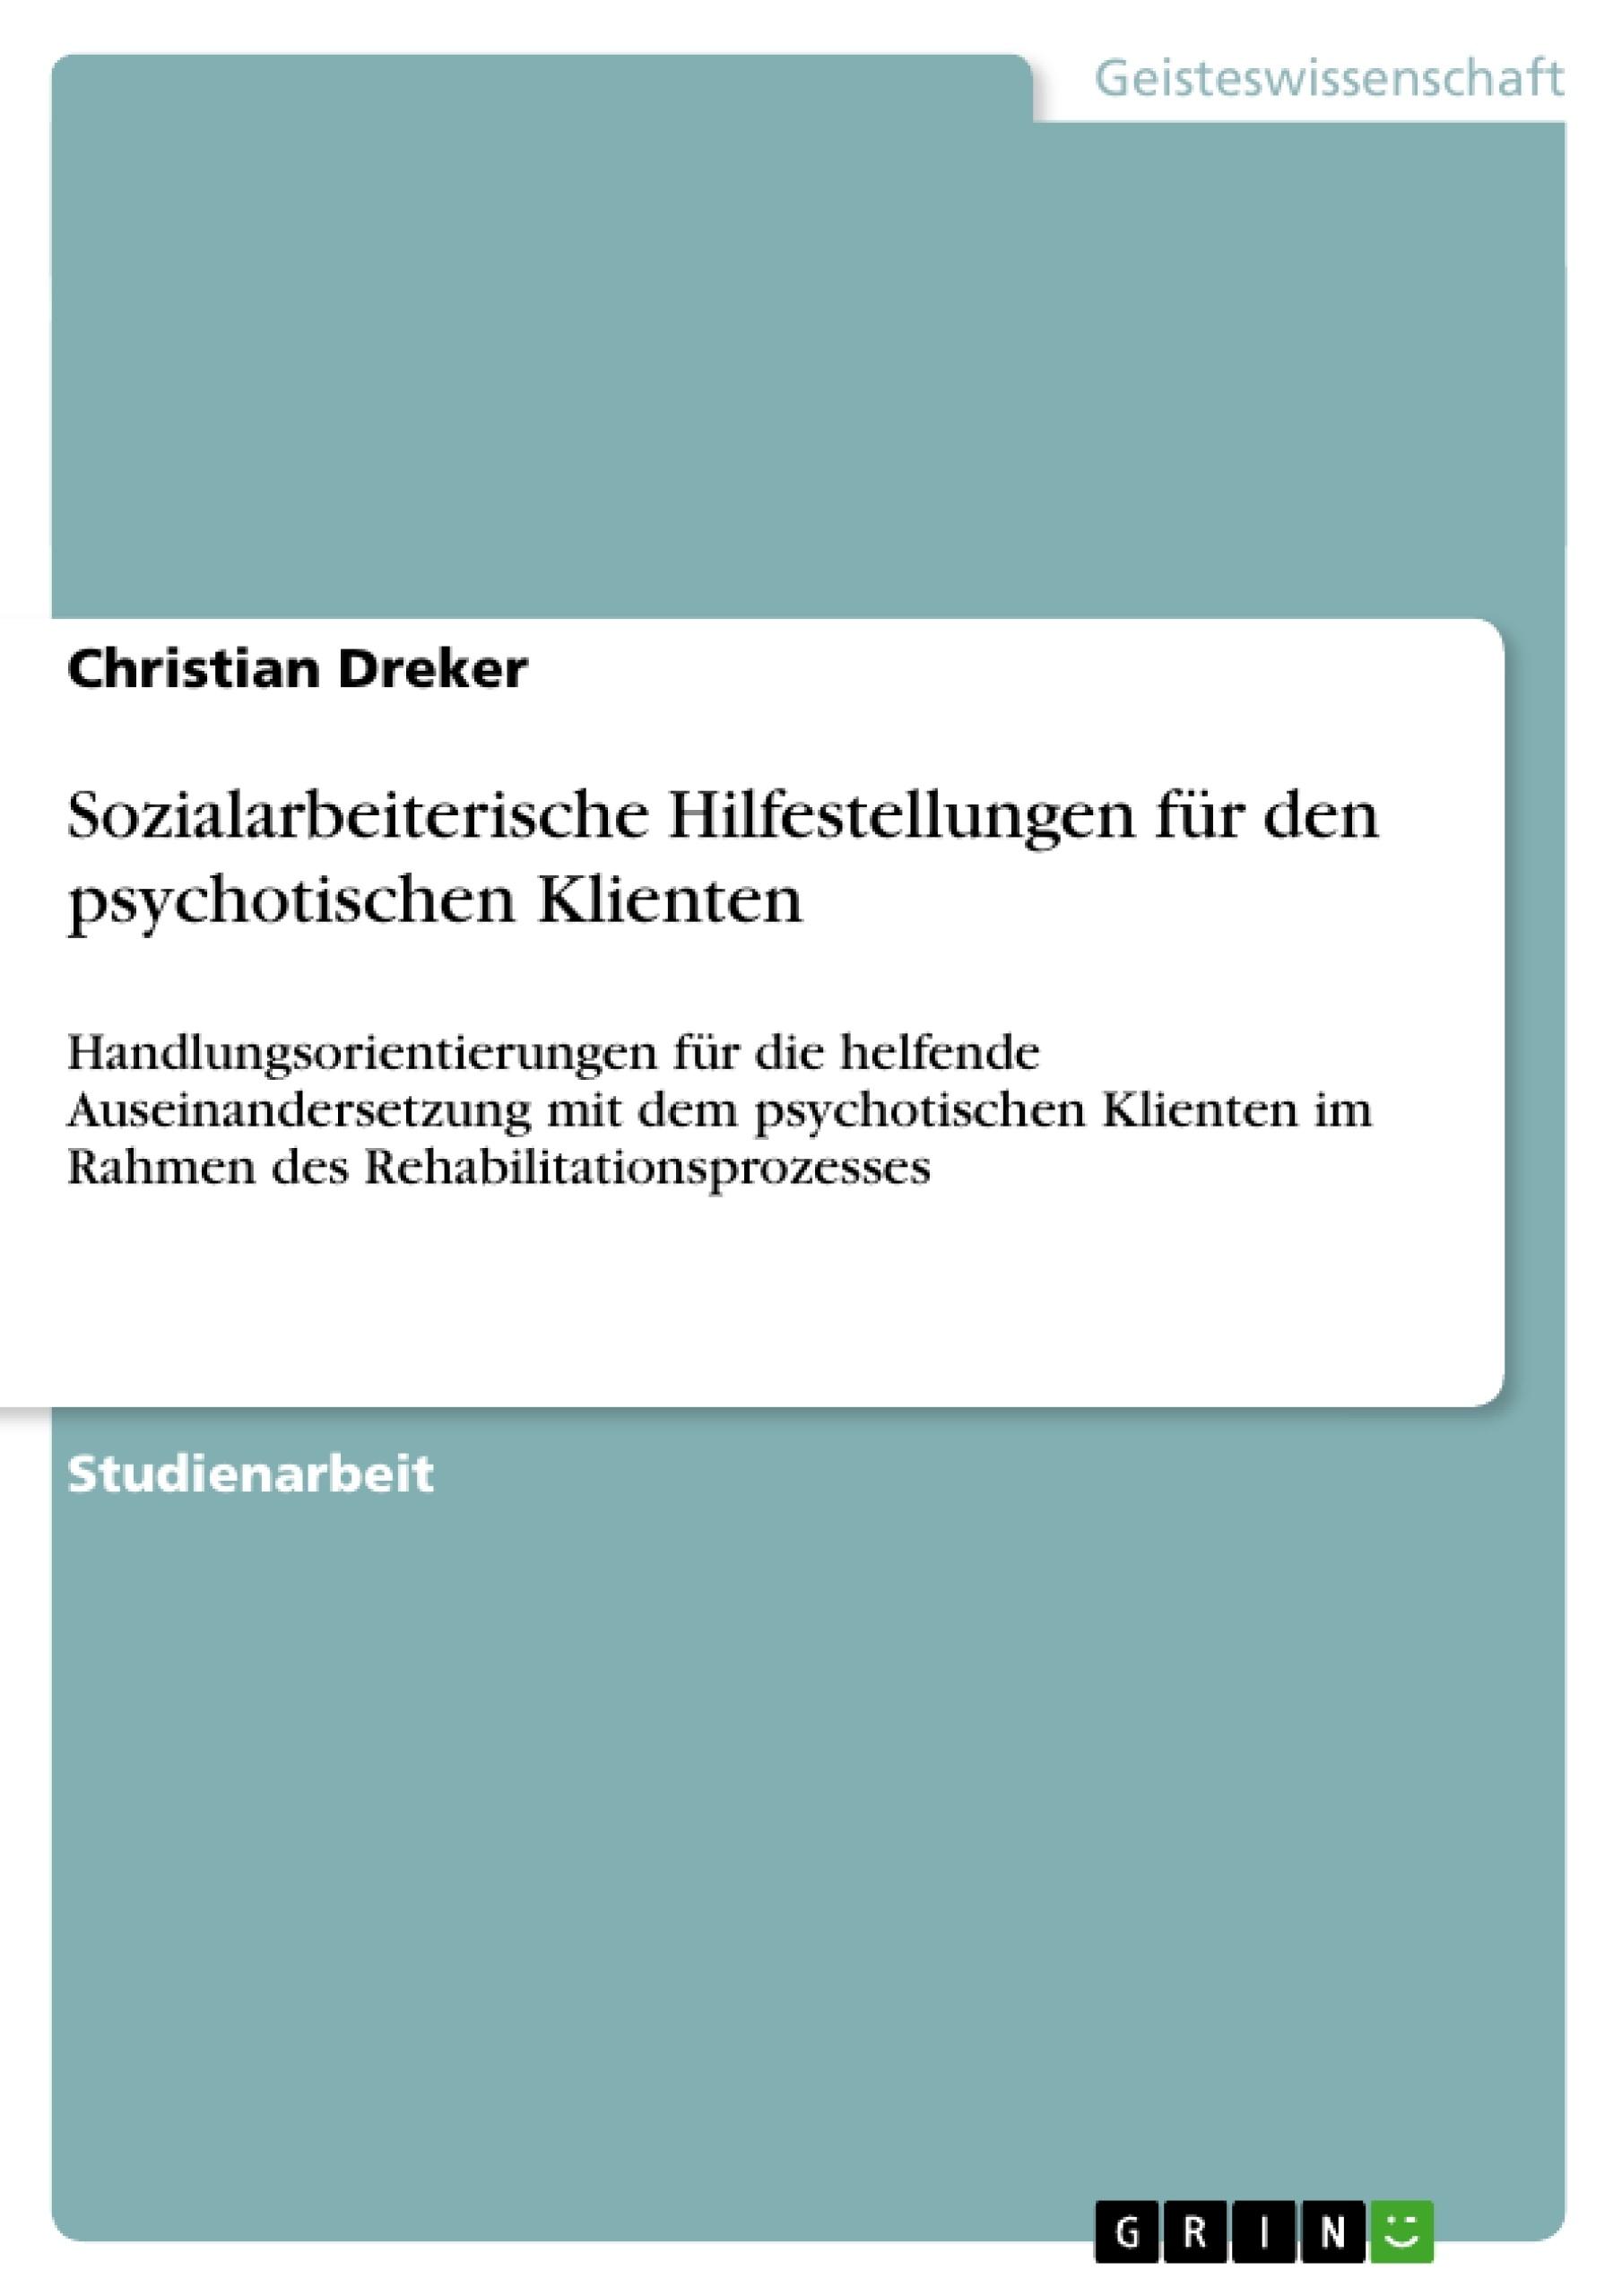 Titel: Sozialarbeiterische Hilfestellungen für den psychotischen Klienten